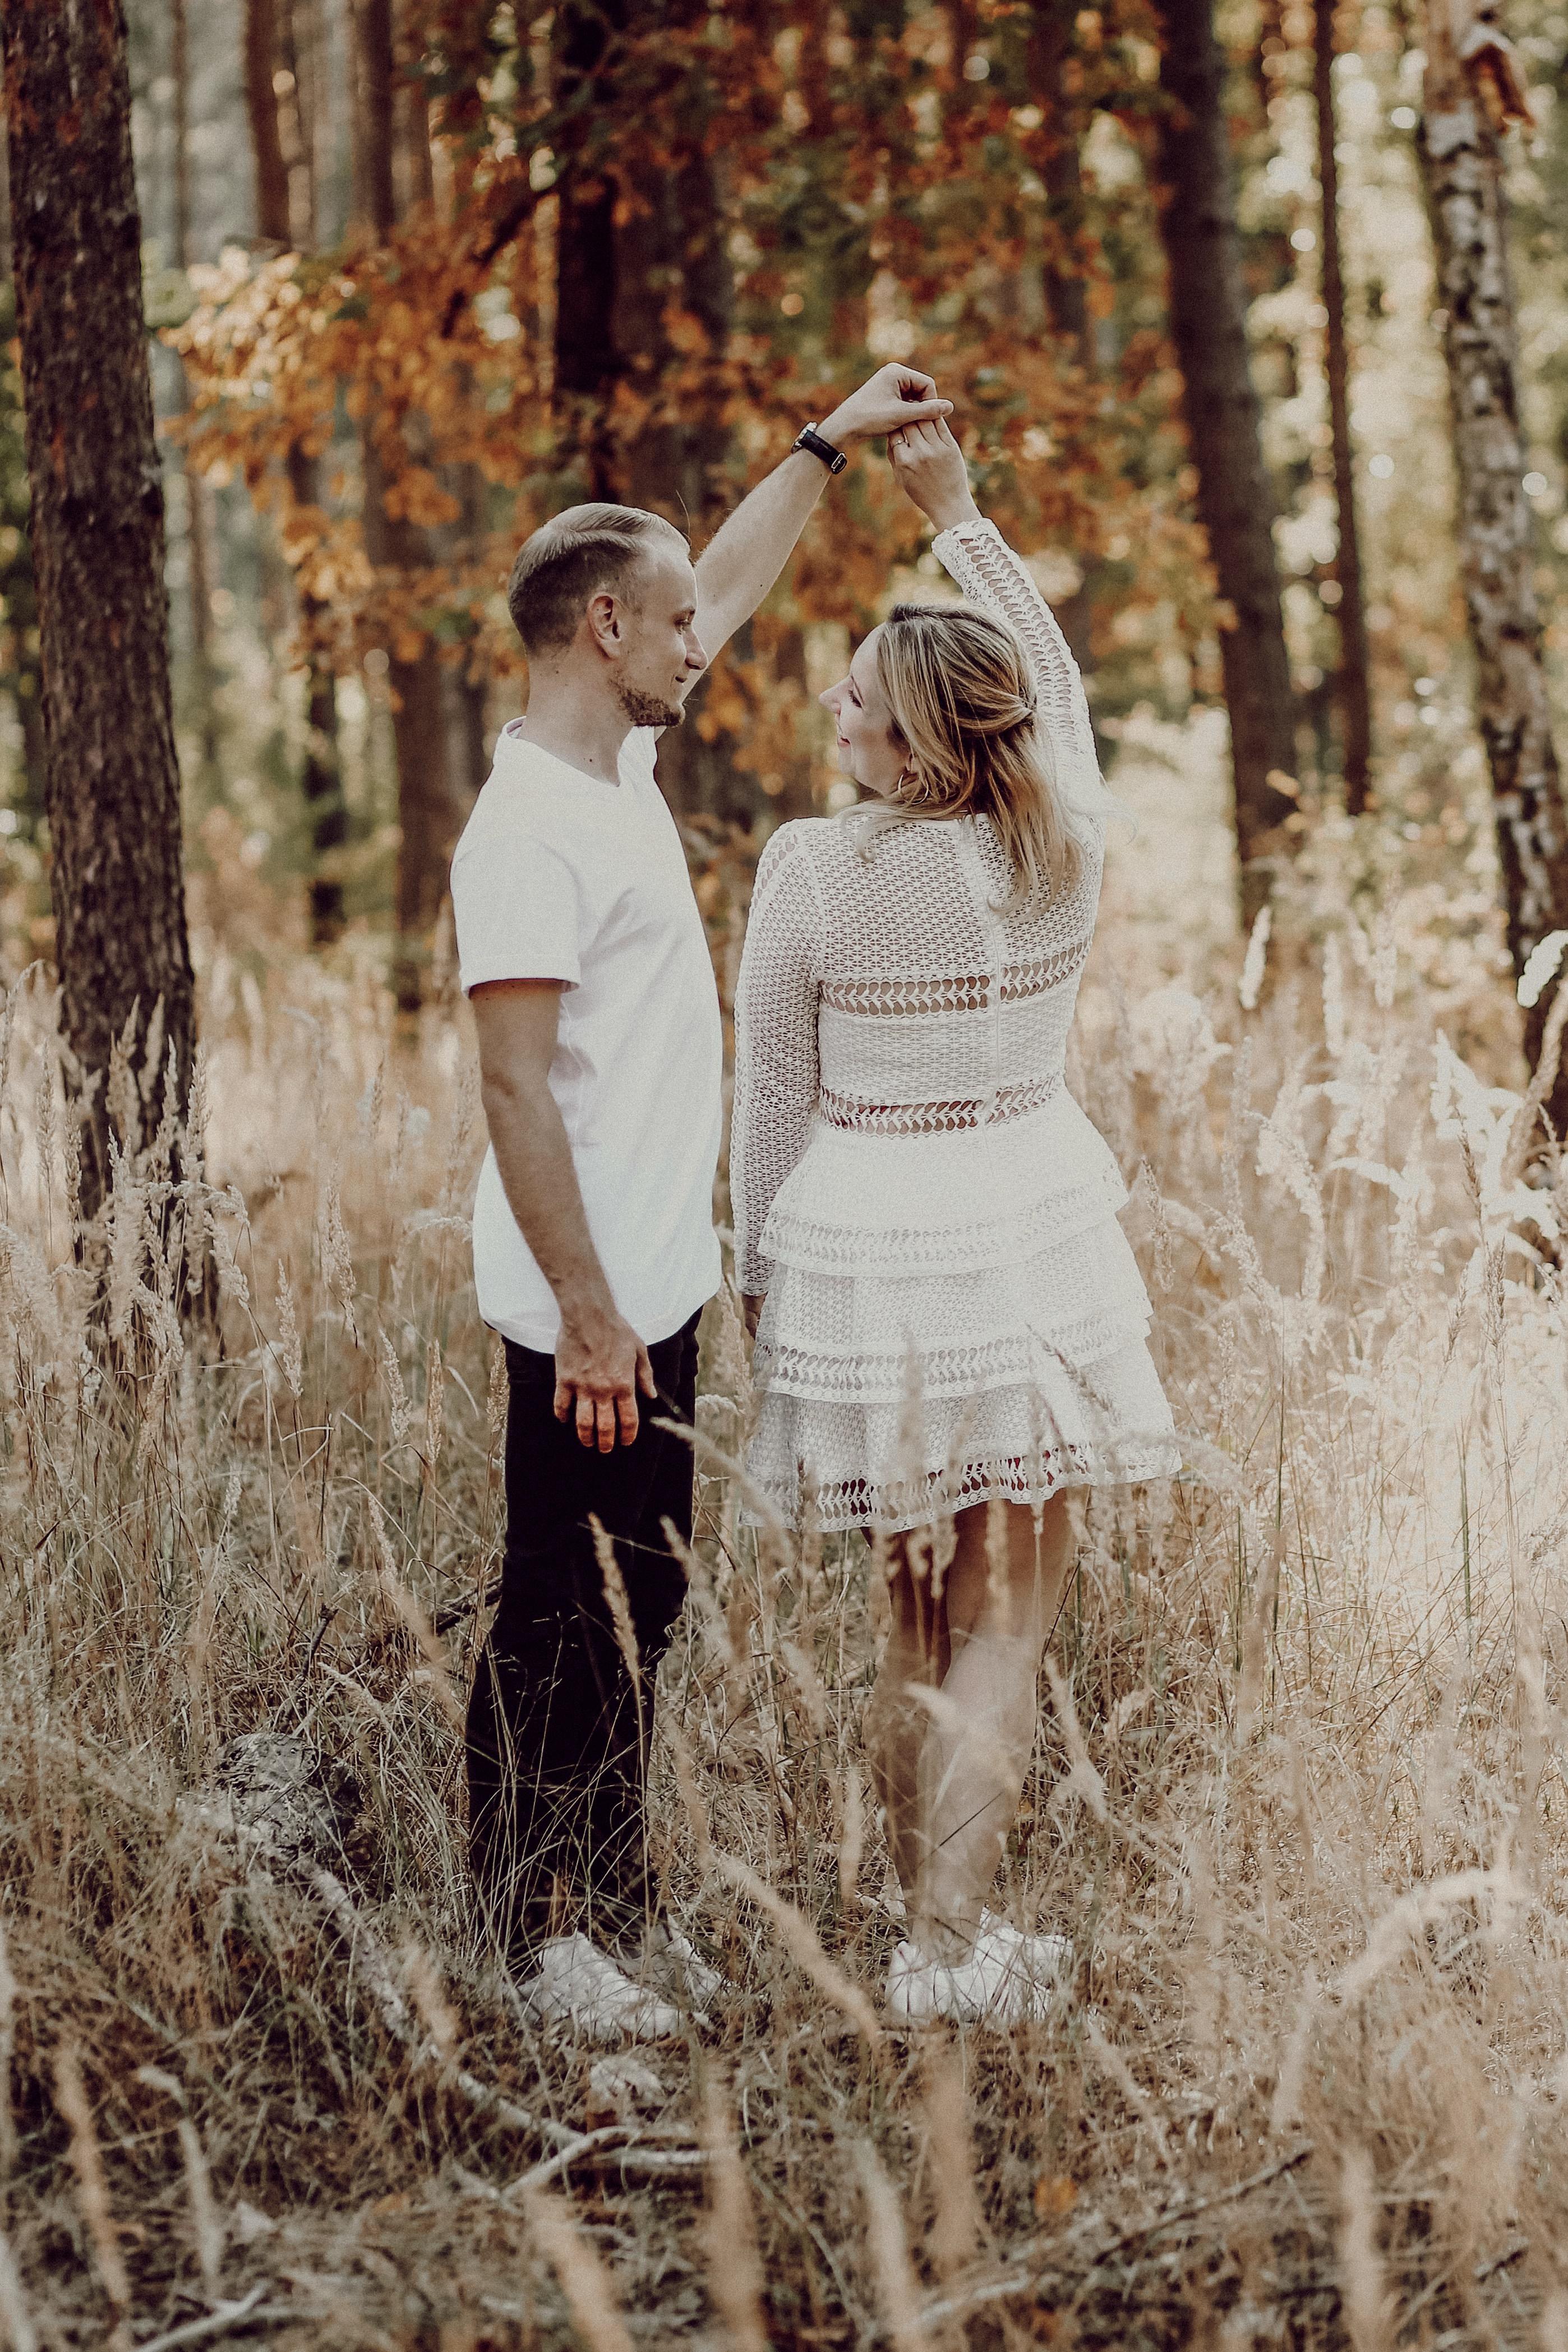 5 Gründe, warum du unbedingt ein Verlobungsshooting während deiner Hochzeitsplanung machen solltest.